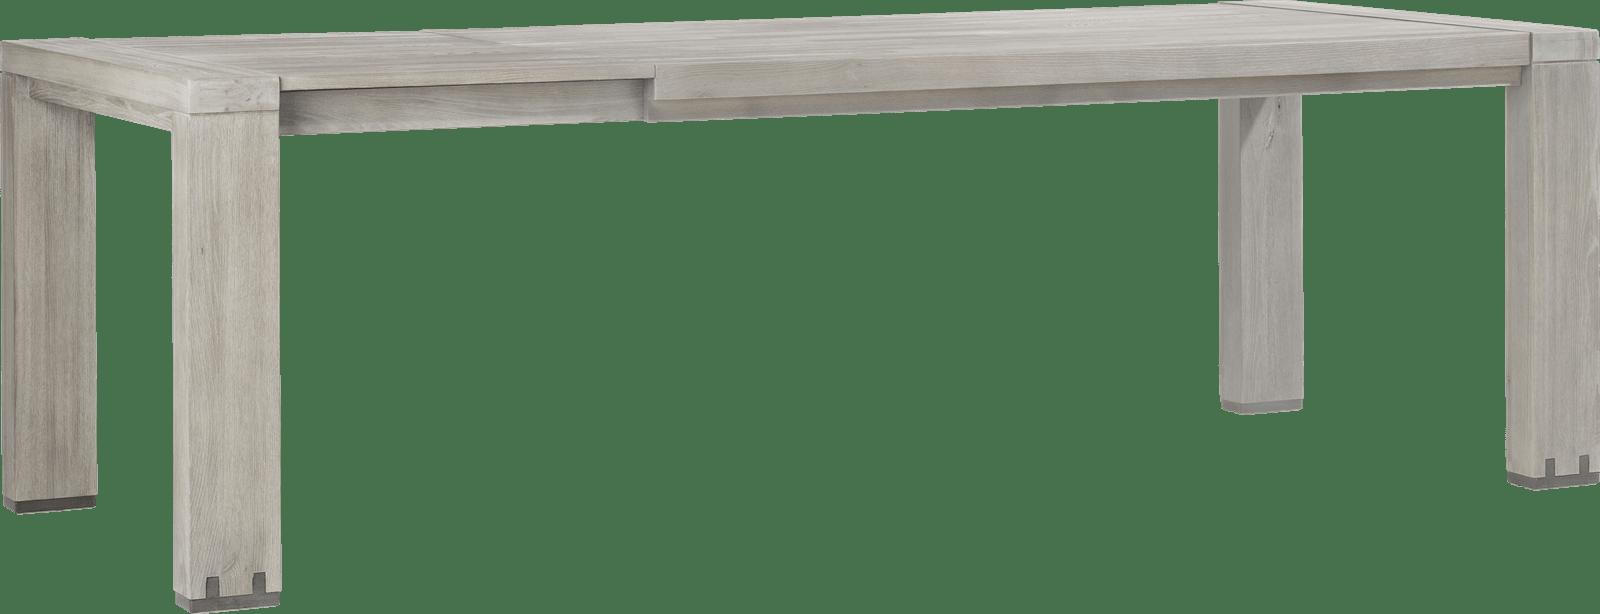 Avola - ausziehtisch 190 (+ 60) x 100 cm